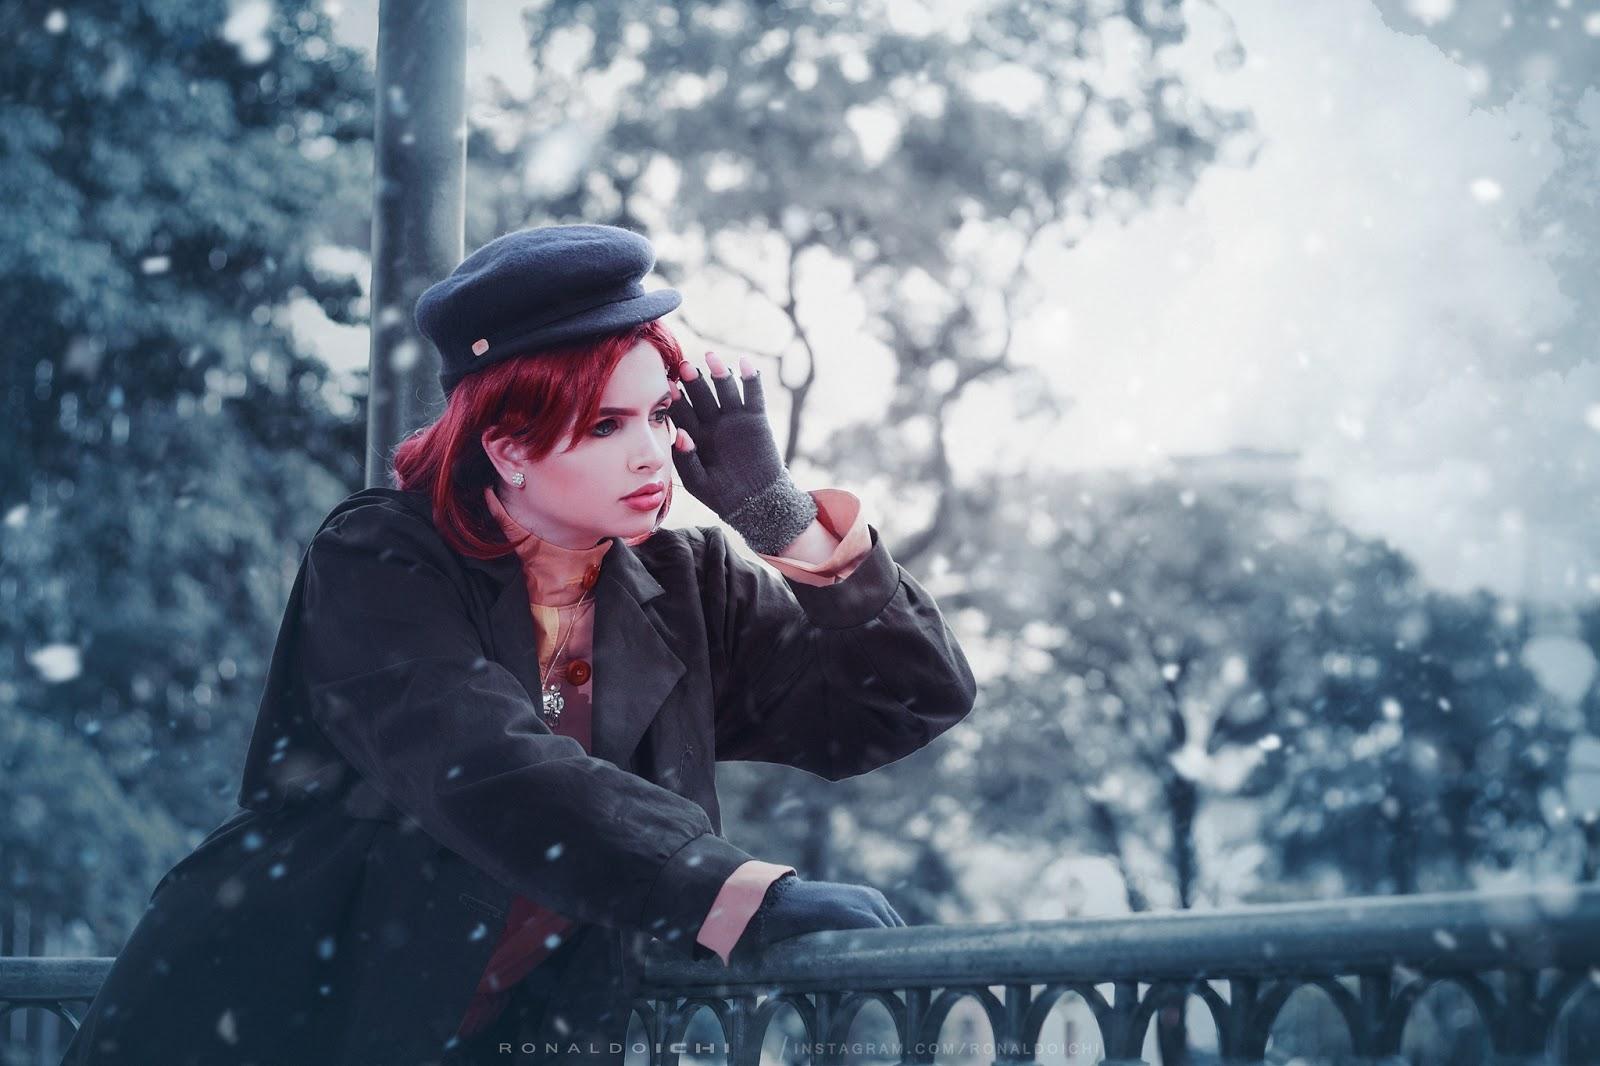 fotografia cosplay - ensaio com a cosplayer Melânya Fiaux de Princesa Anastasia do filme norte americano de 1997 animação musical